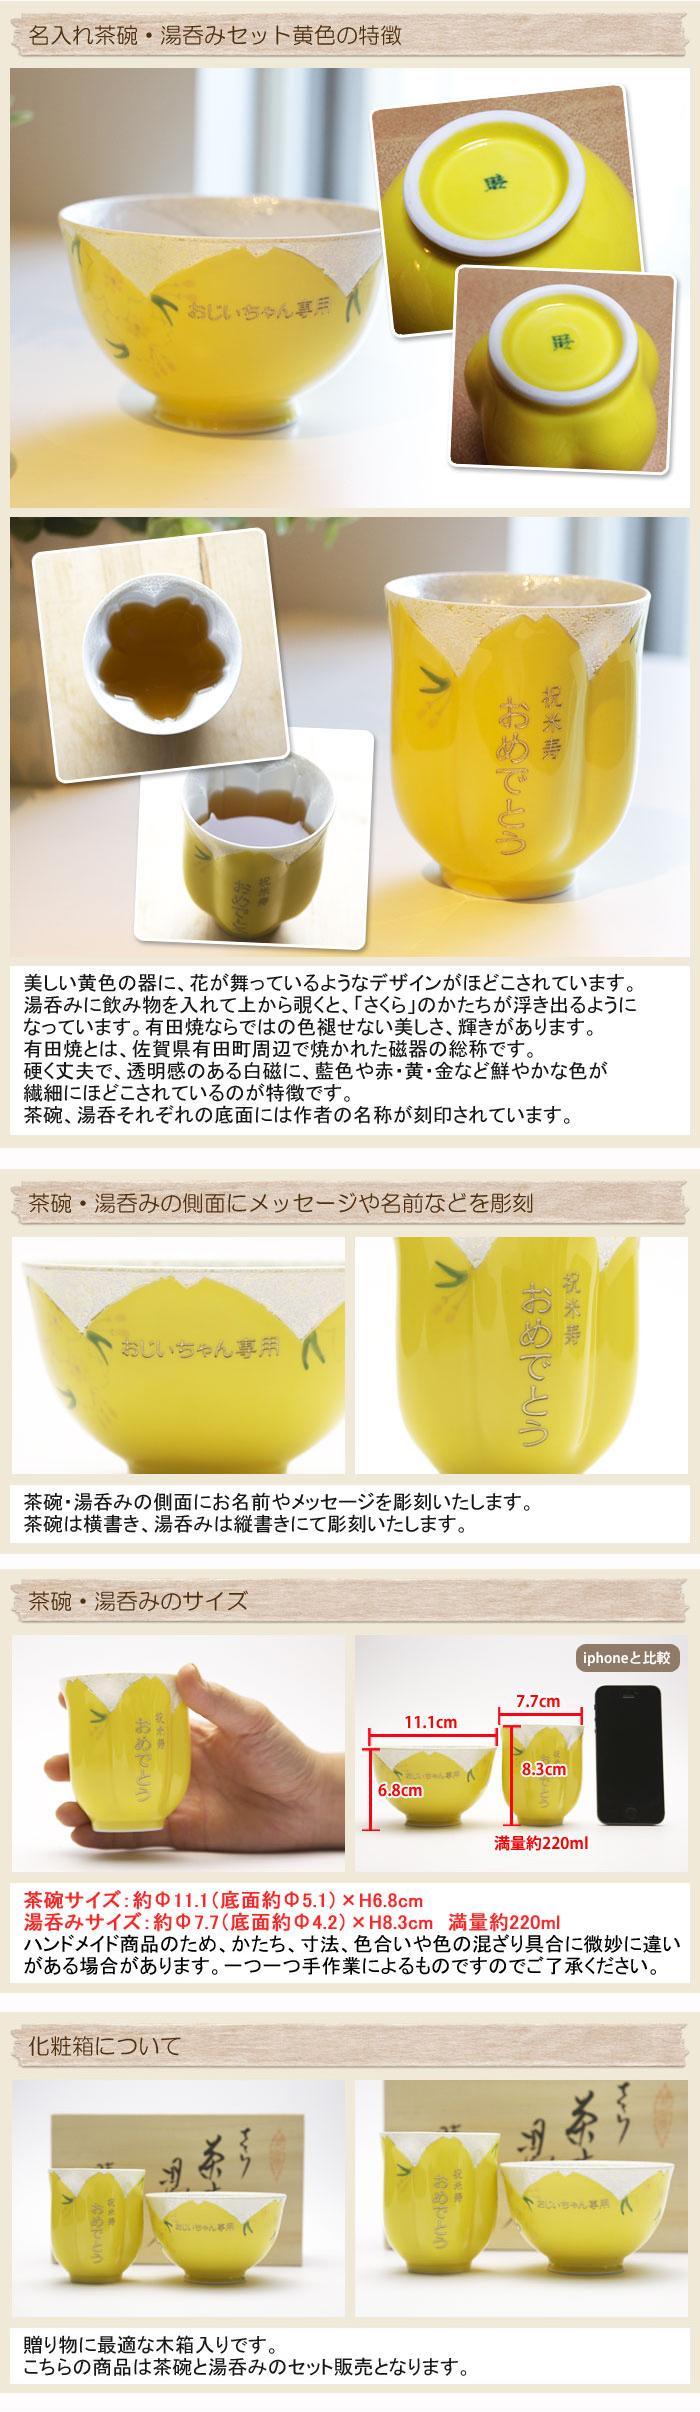 米寿祝いや長寿のお祝いなどに上質な有田焼による茶碗・湯呑みセット黄色